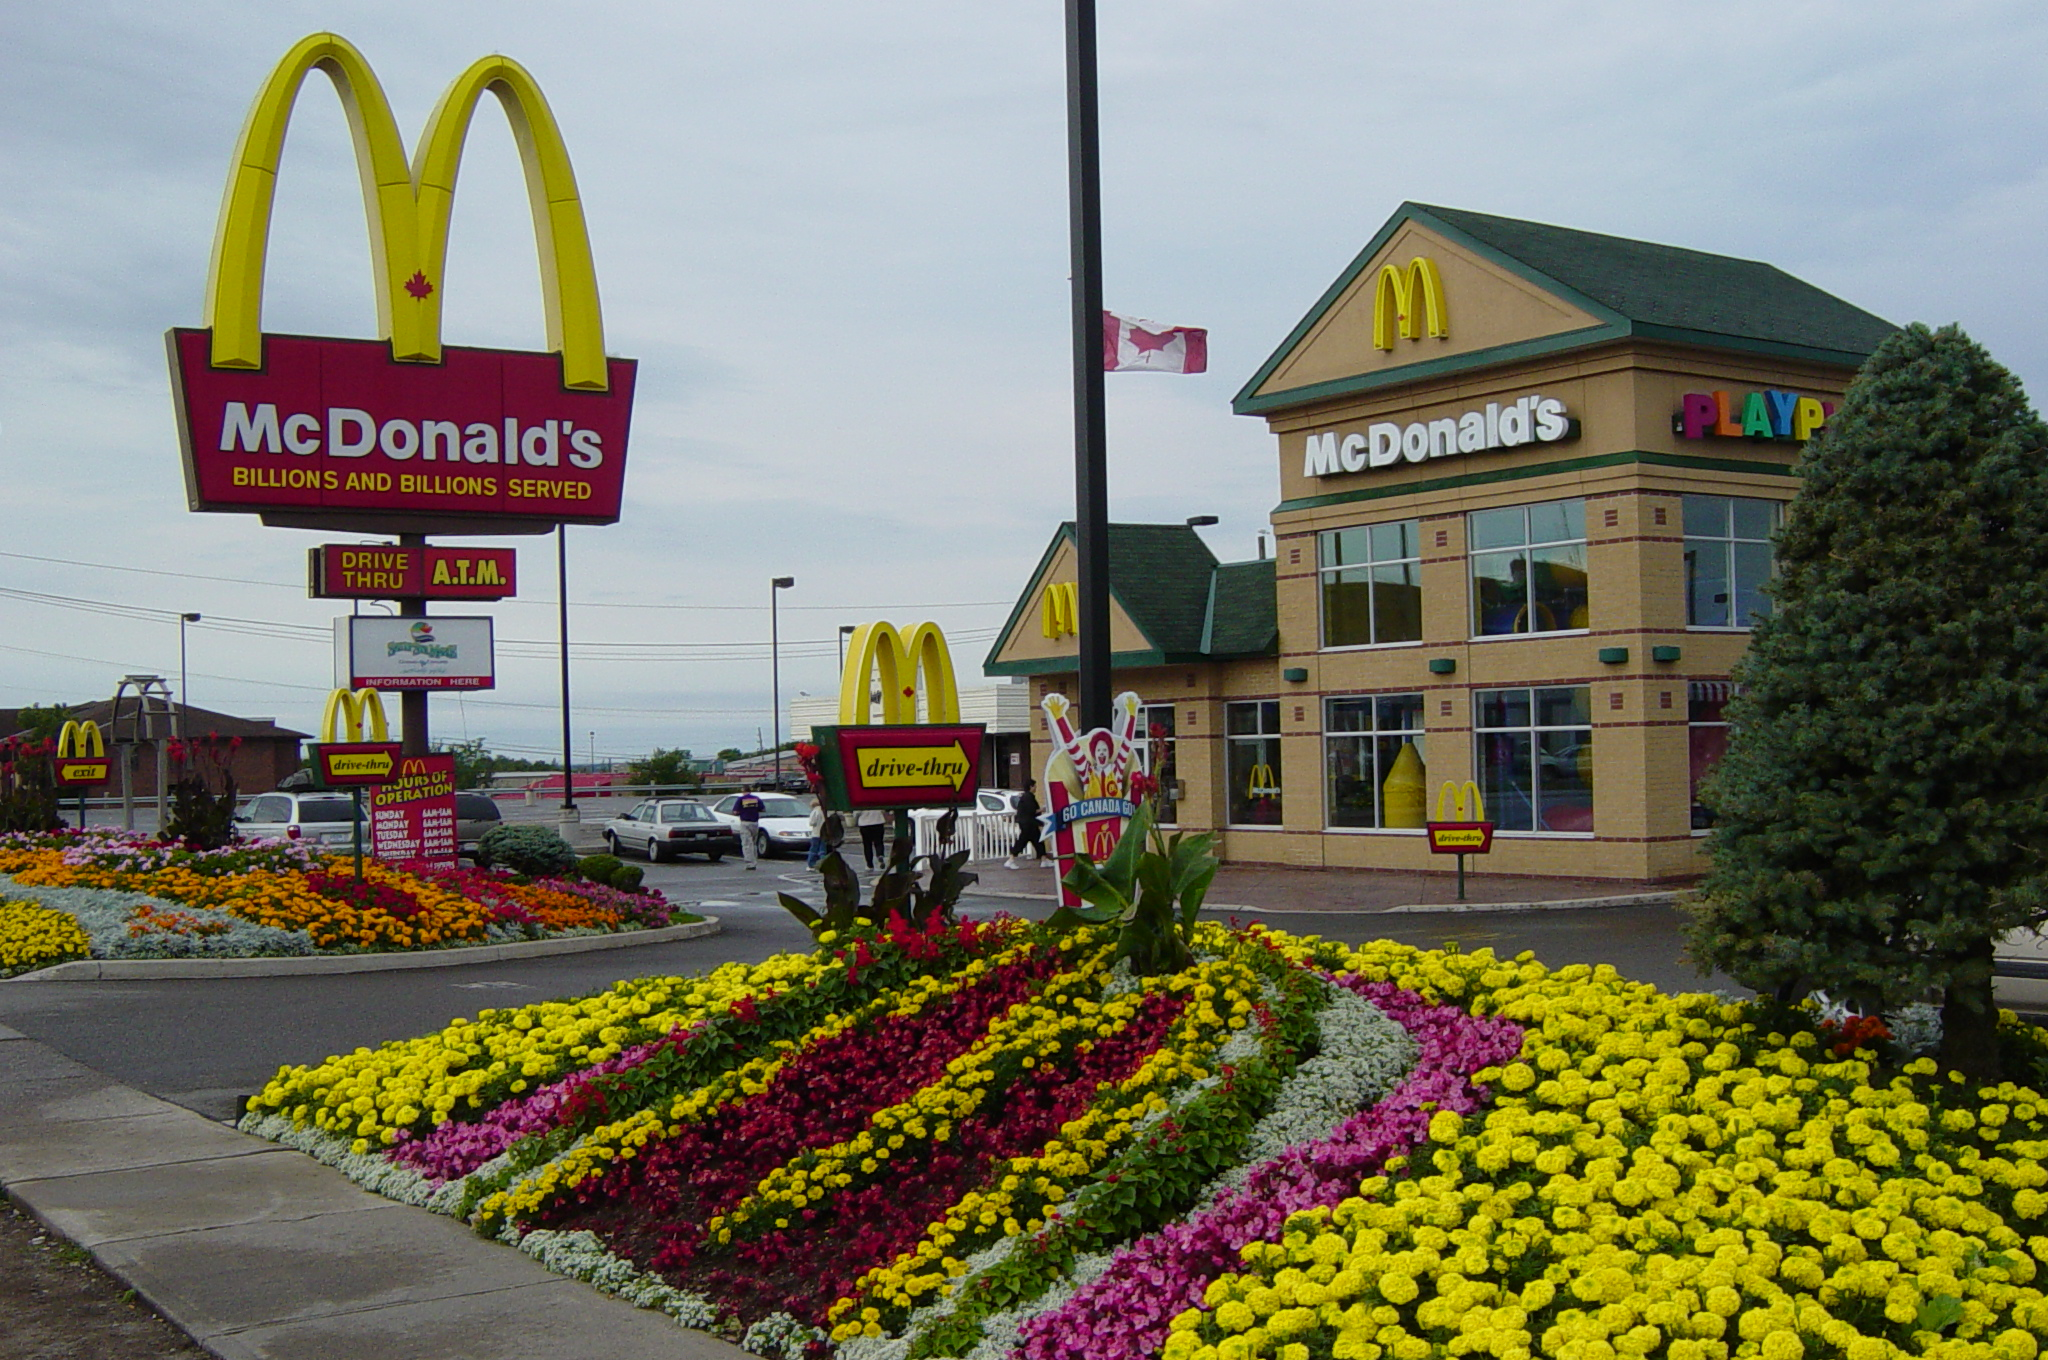 McDonalds Canada restaurant in Sault Ste. Marie Ontario - NOUVEAU: Plusieurs coupons rabais à imprimer de McDonalds!